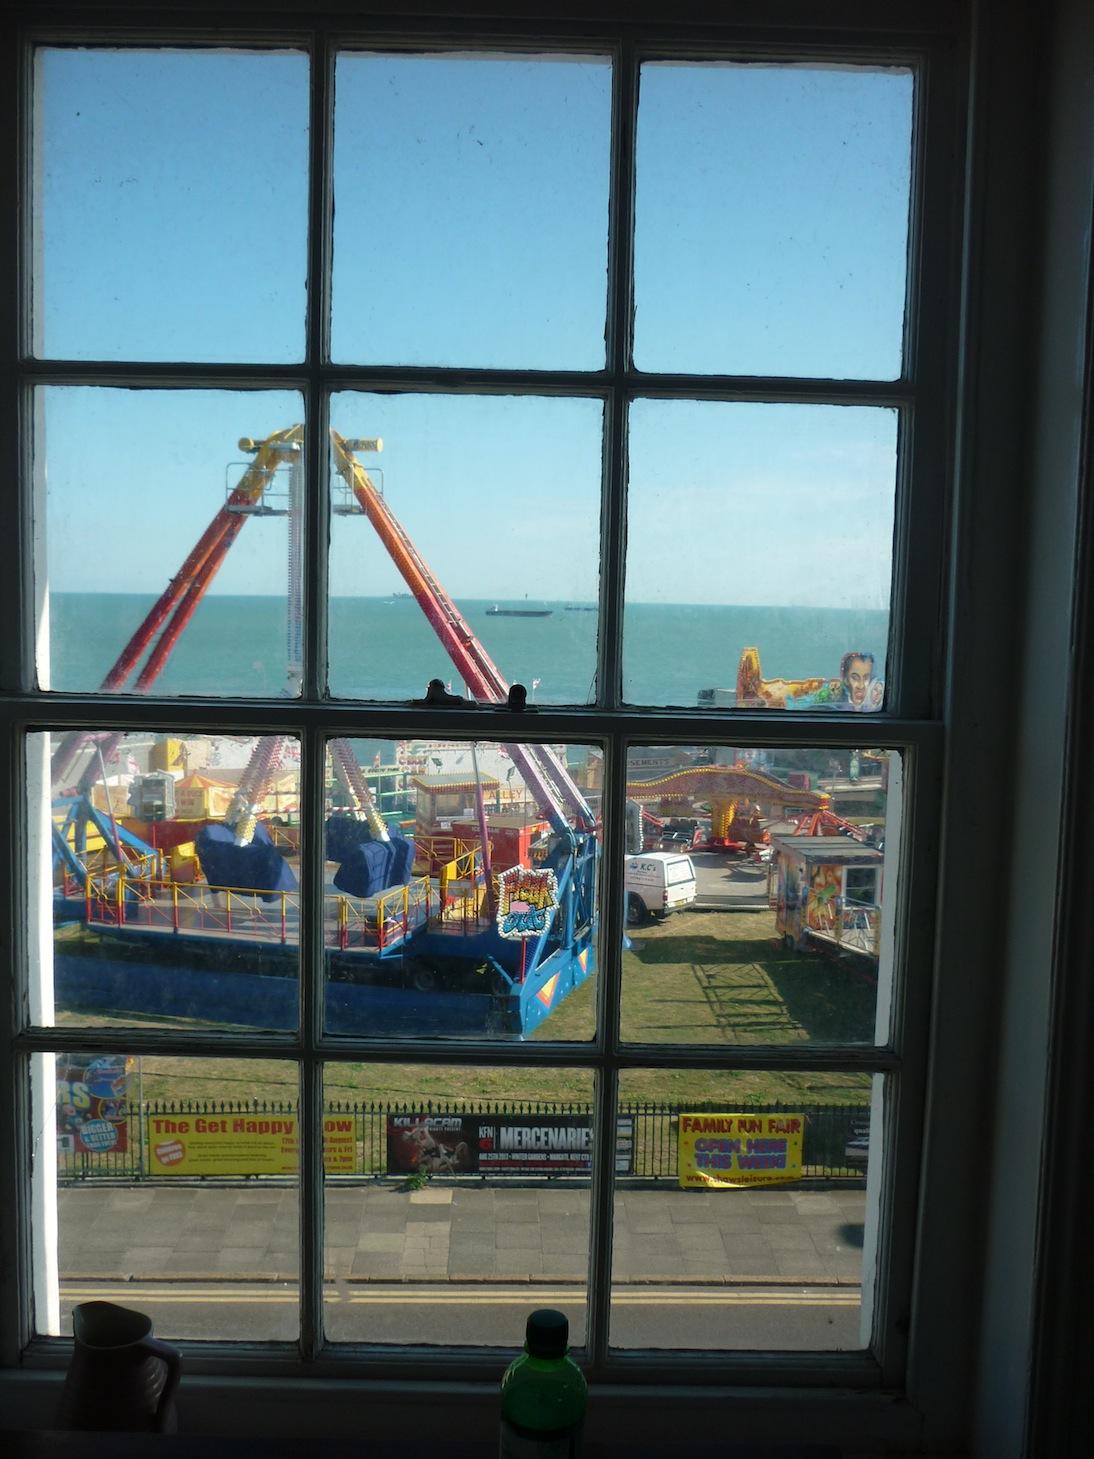 Margate Fair